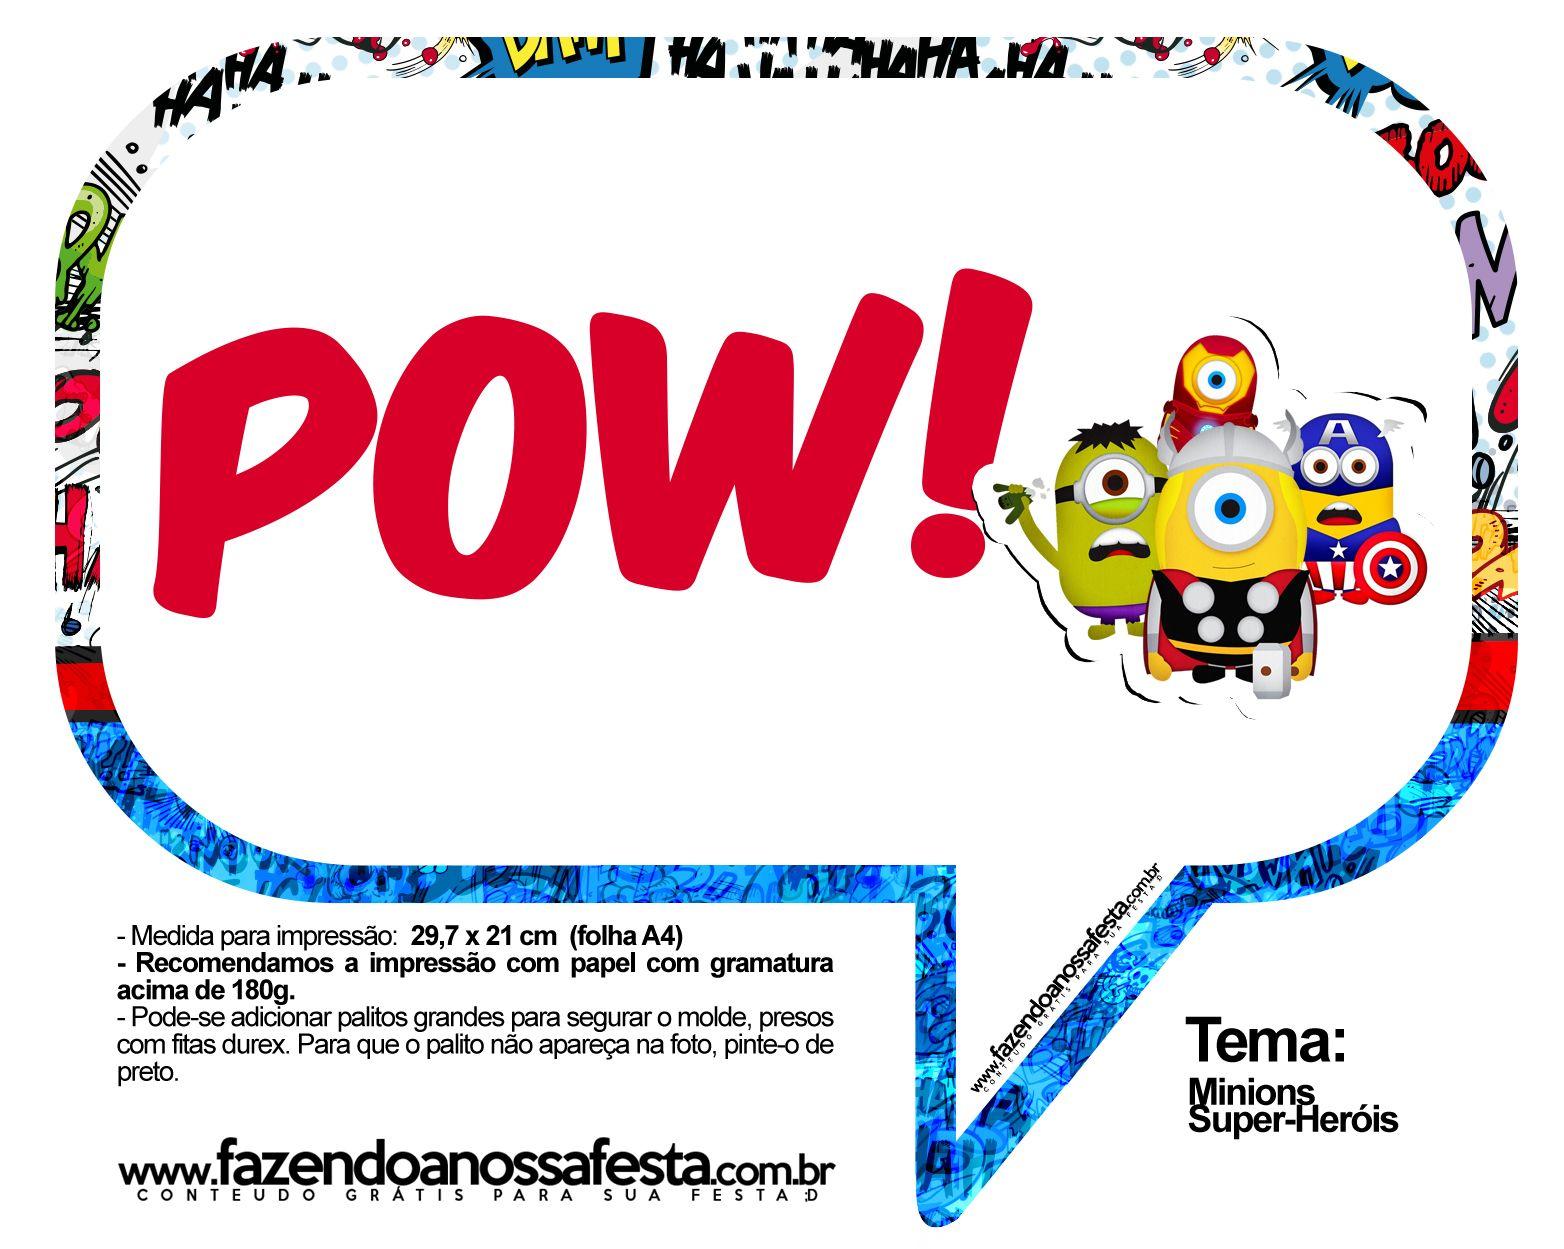 http://fazendoanossafesta.com.br/2015/08/plaquinhas-divertidas-minions-super-herois.html/